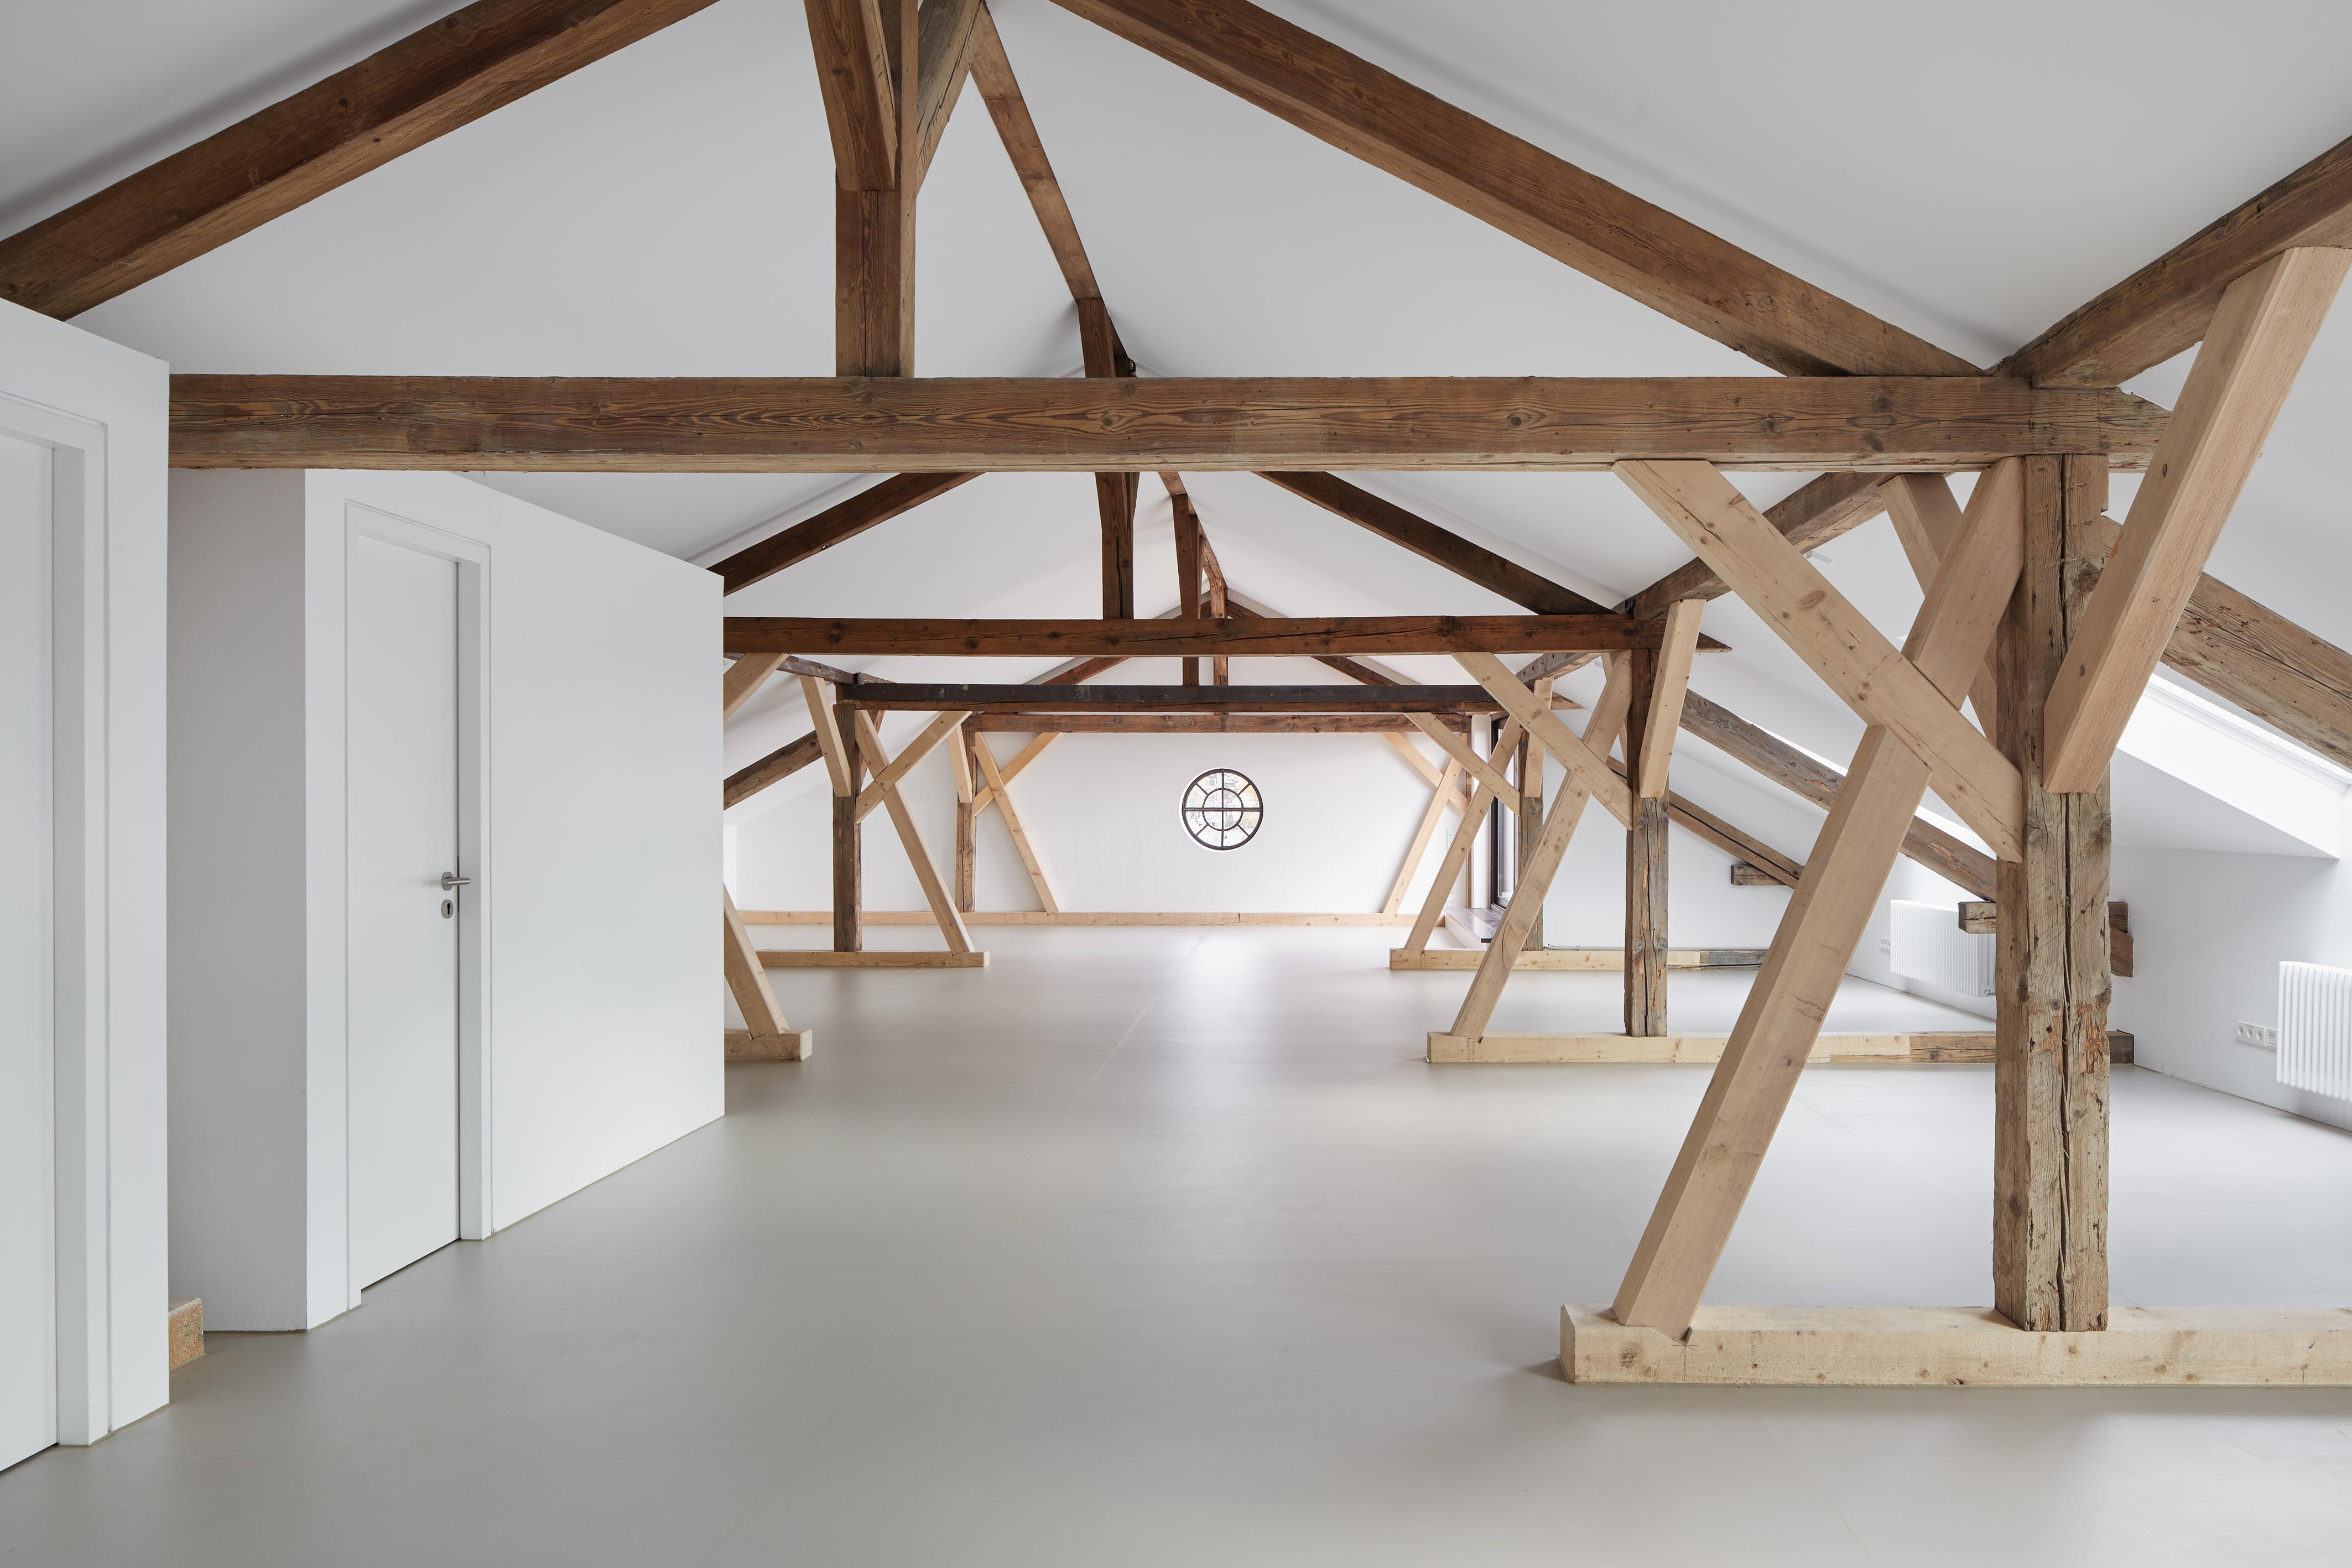 umbau und sanierung großviehstall im alten schlachthof karlsruheplanung:zwo/elfalter schlachthof 1576131 karlsruhewww.zwo-elf.de